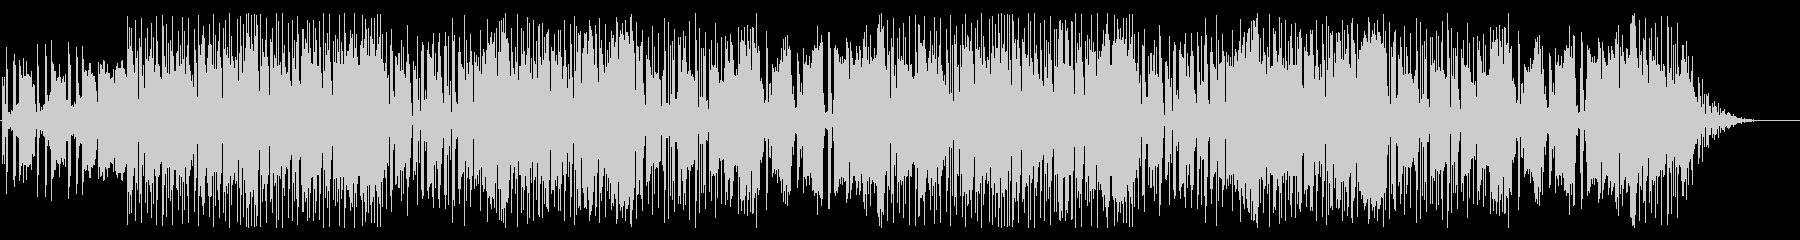 テクノでpopな明るめのBGM的楽曲の未再生の波形